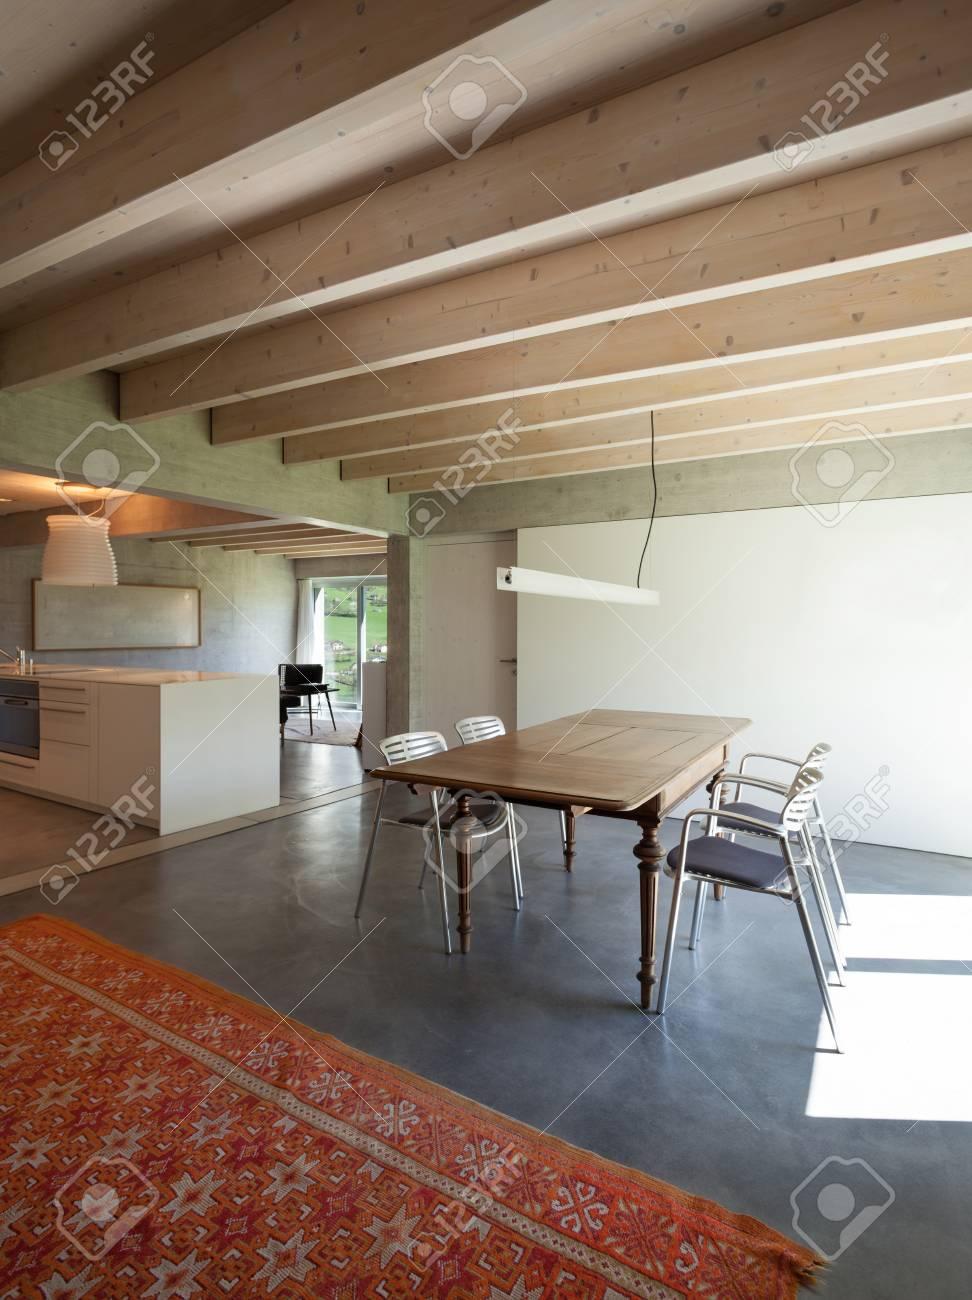 Interieur D Une Villa Salle A Manger Moderne Avec Tapis Rouge